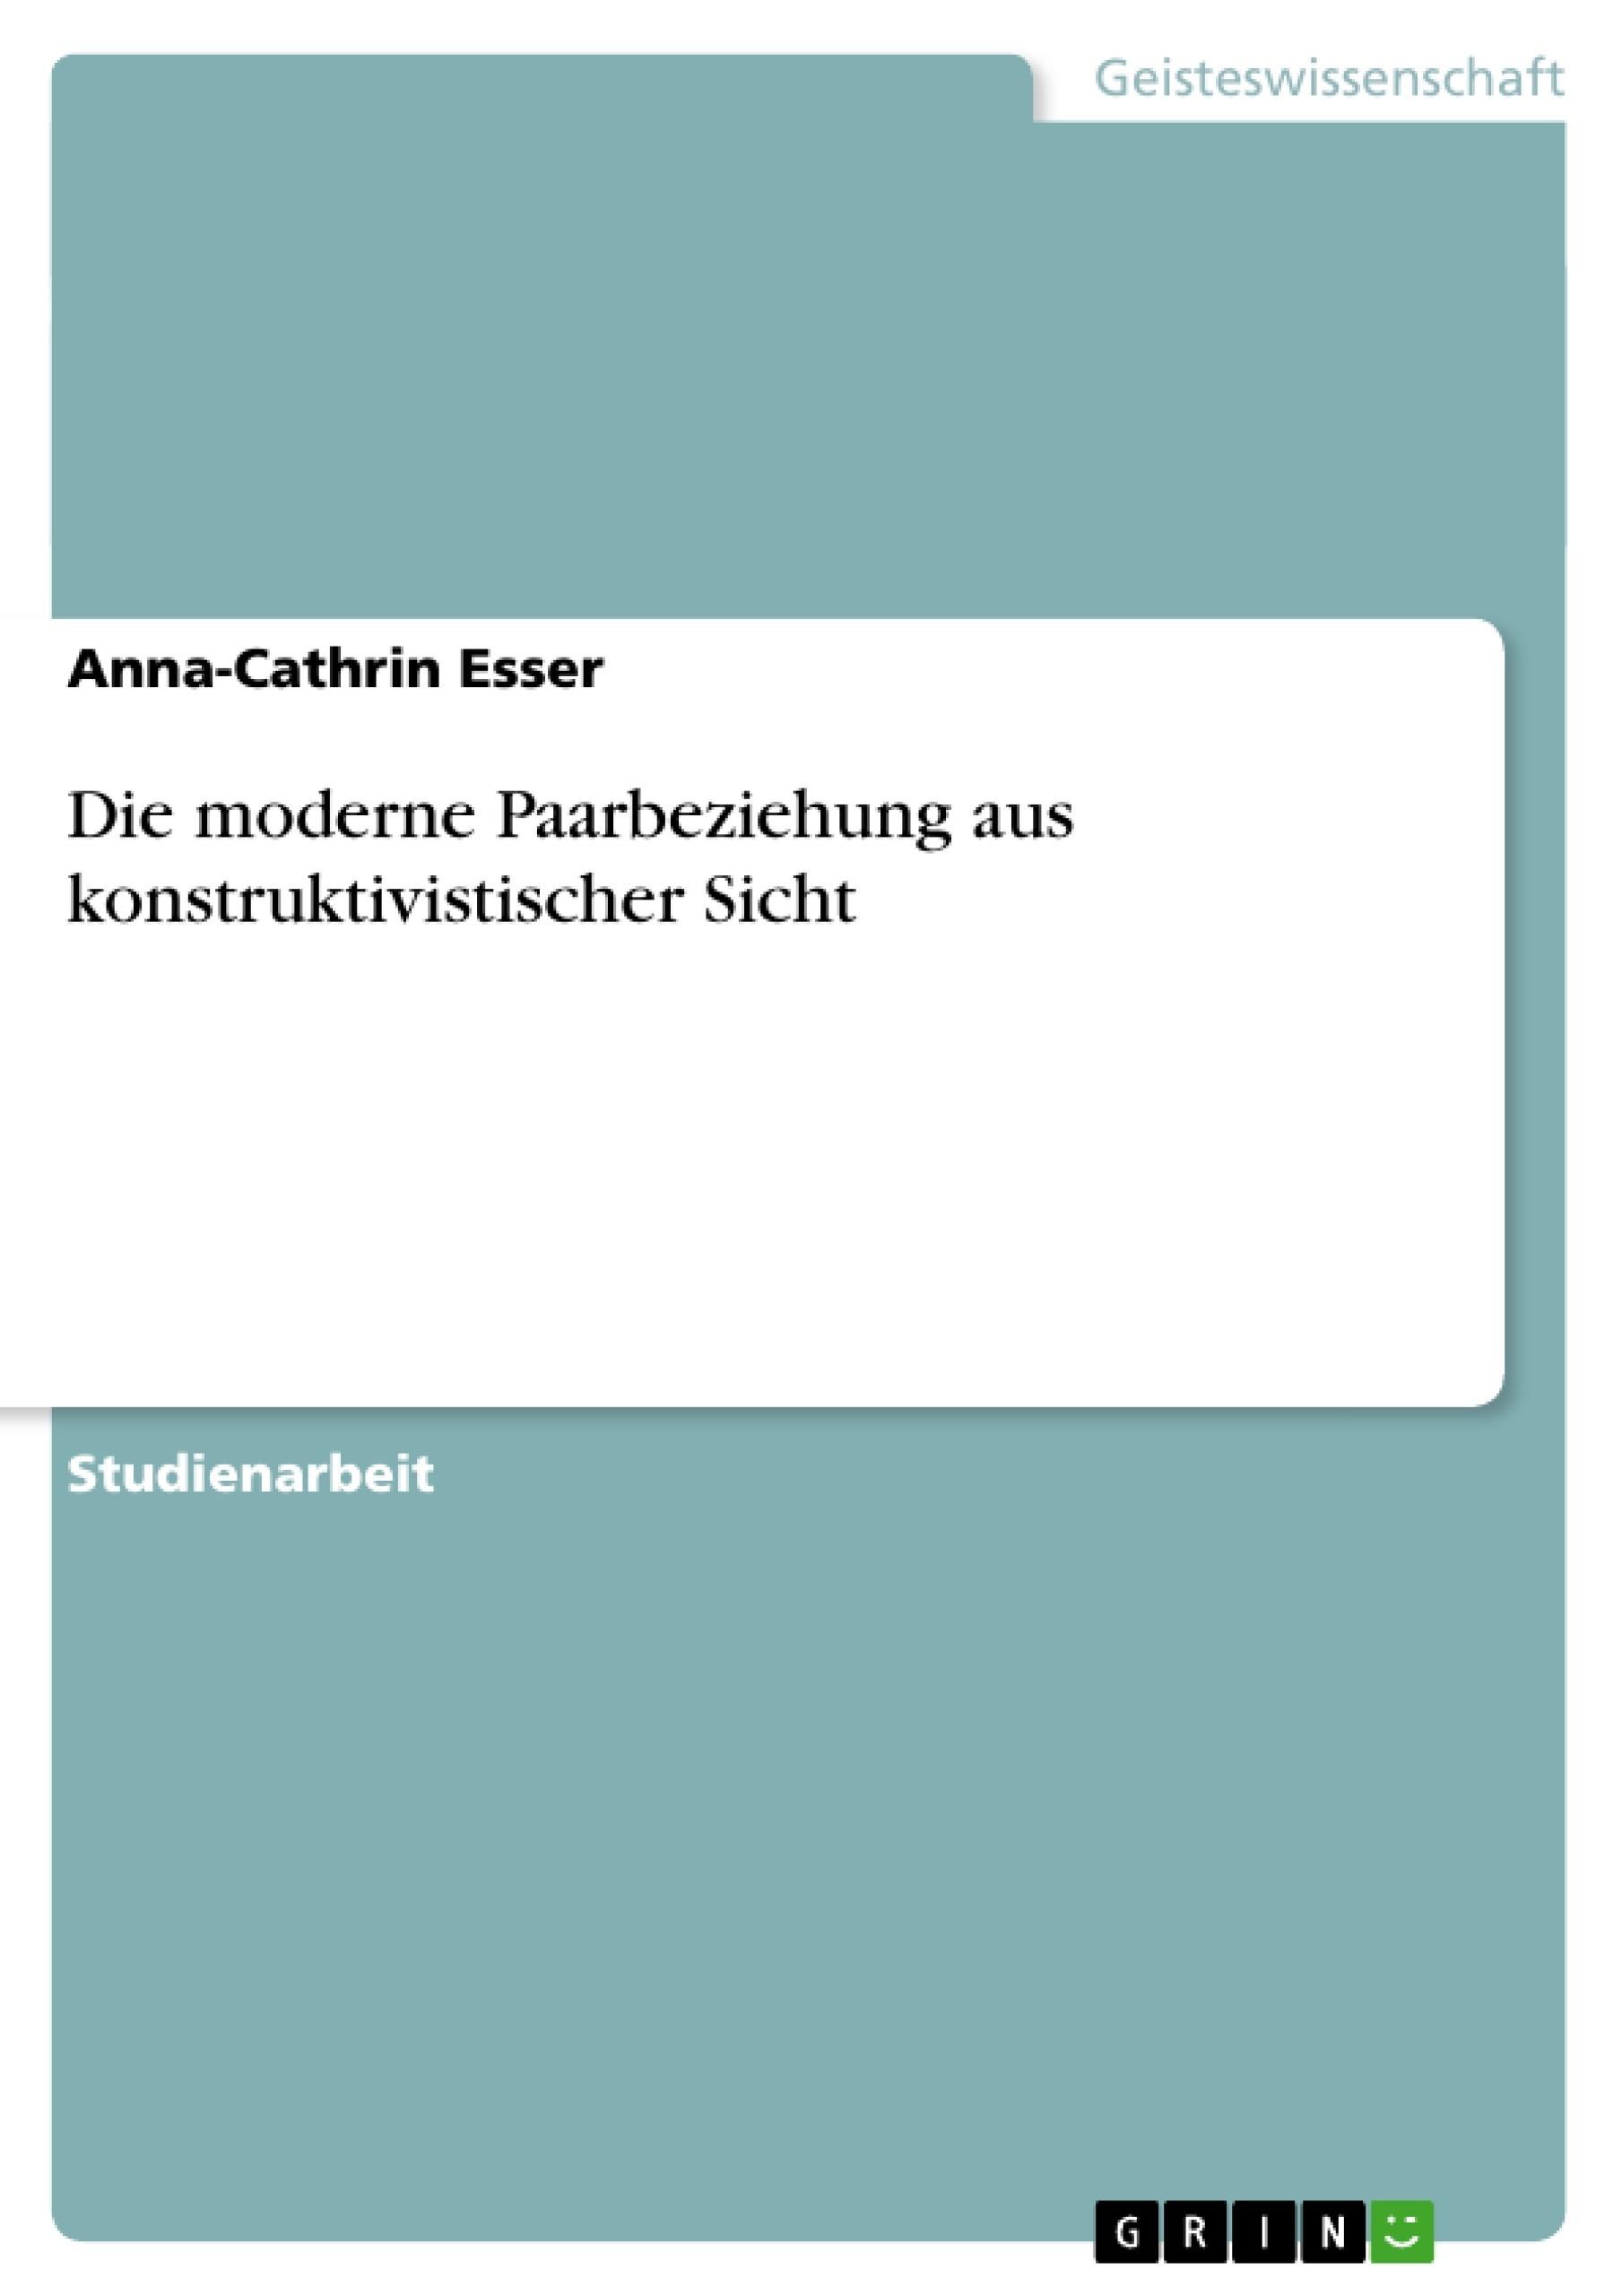 Titel: Die moderne Paarbeziehung aus konstruktivistischer Sicht